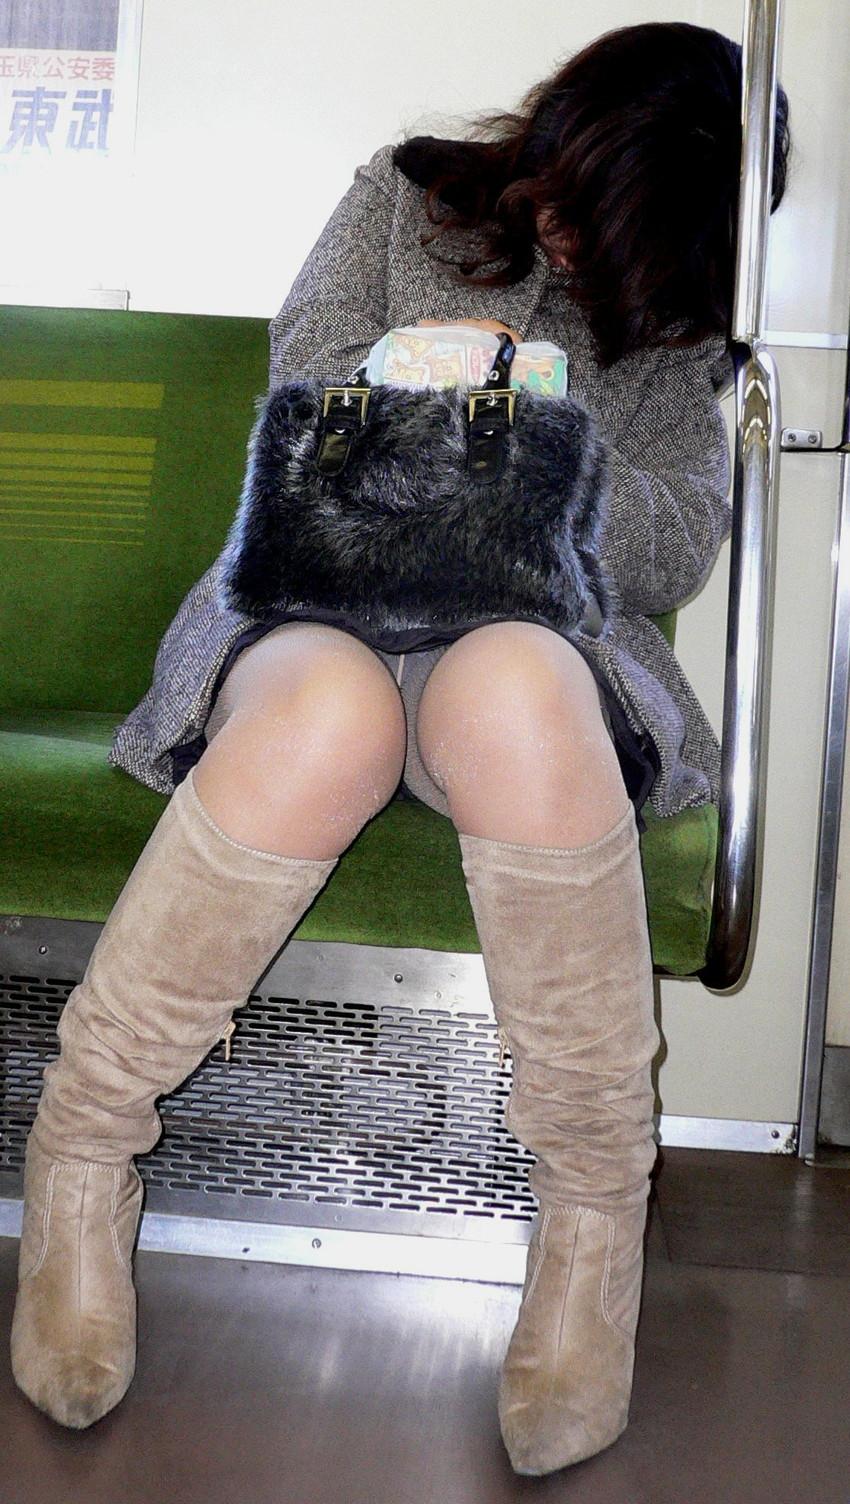 【電車内盗撮エロ画像】電車内で見つけた胸チラ、パンチラ集めてみたぞ! 25